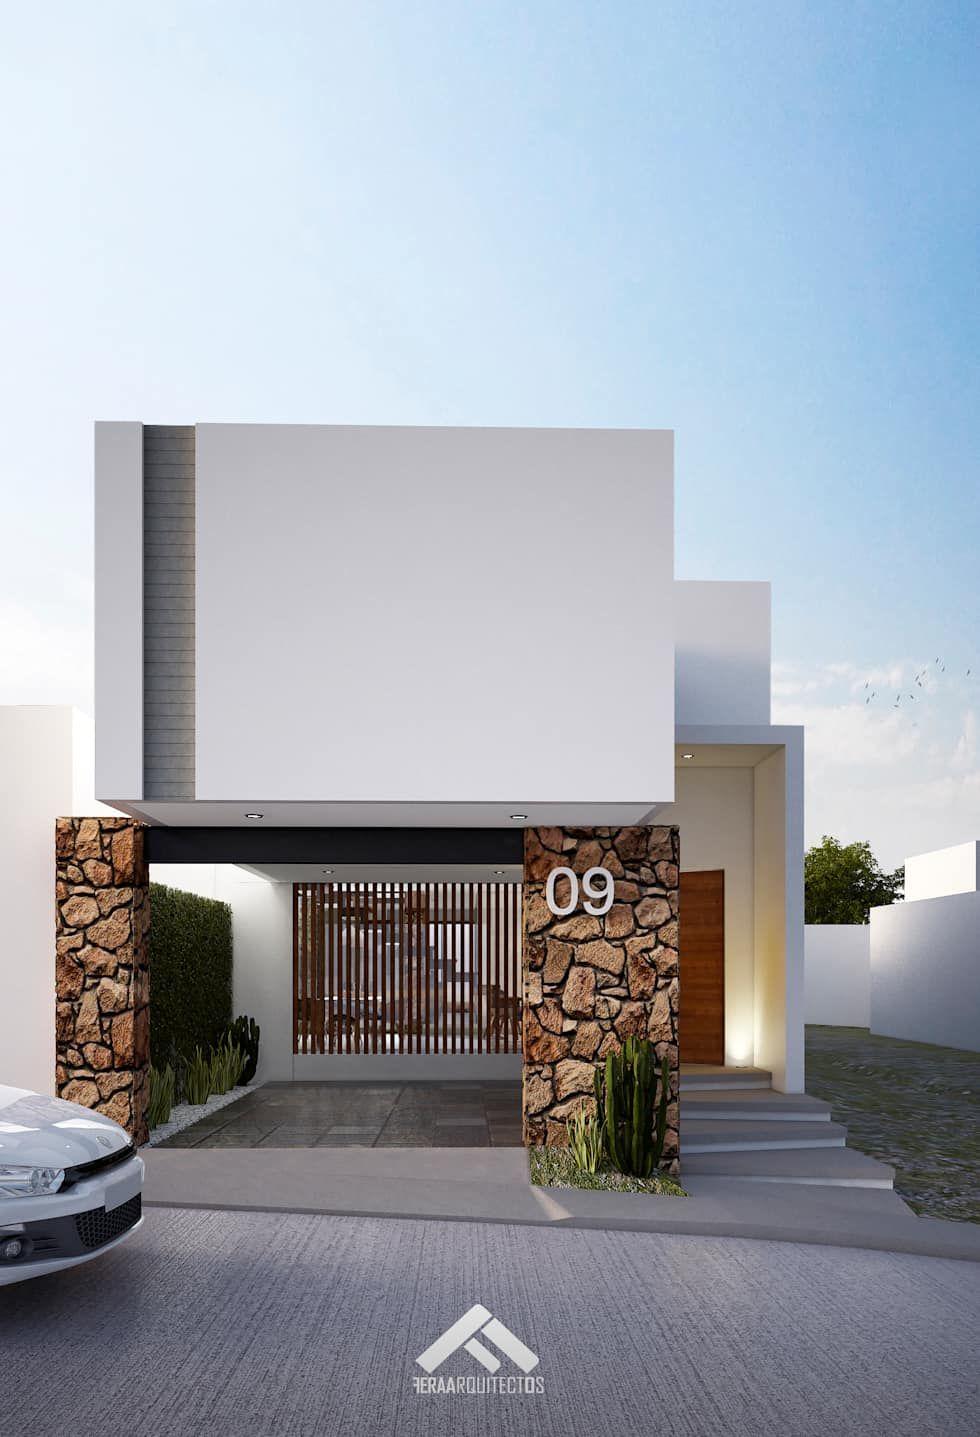 Fachada principal casas de estilo por feraarquitectos for Foto casa minimalista